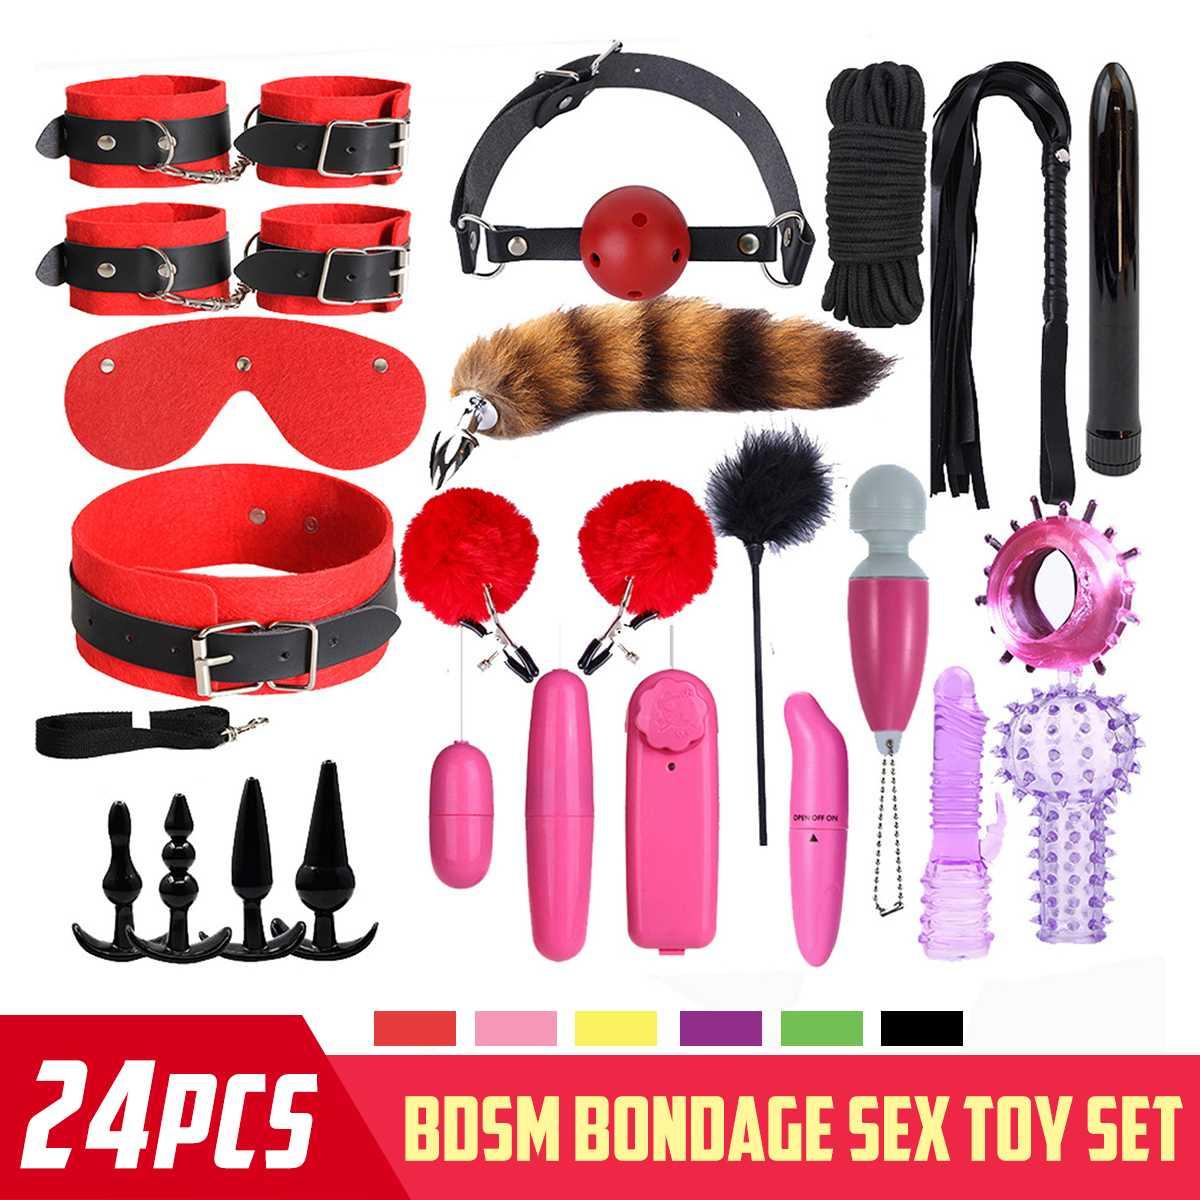 Azotes Al Culo €22.62 37% de descuento 24 uds juguetes sexuales para los hombres y las mujeres esposas abrazaderas de pezón látigo para azotes silicona sexual pluma